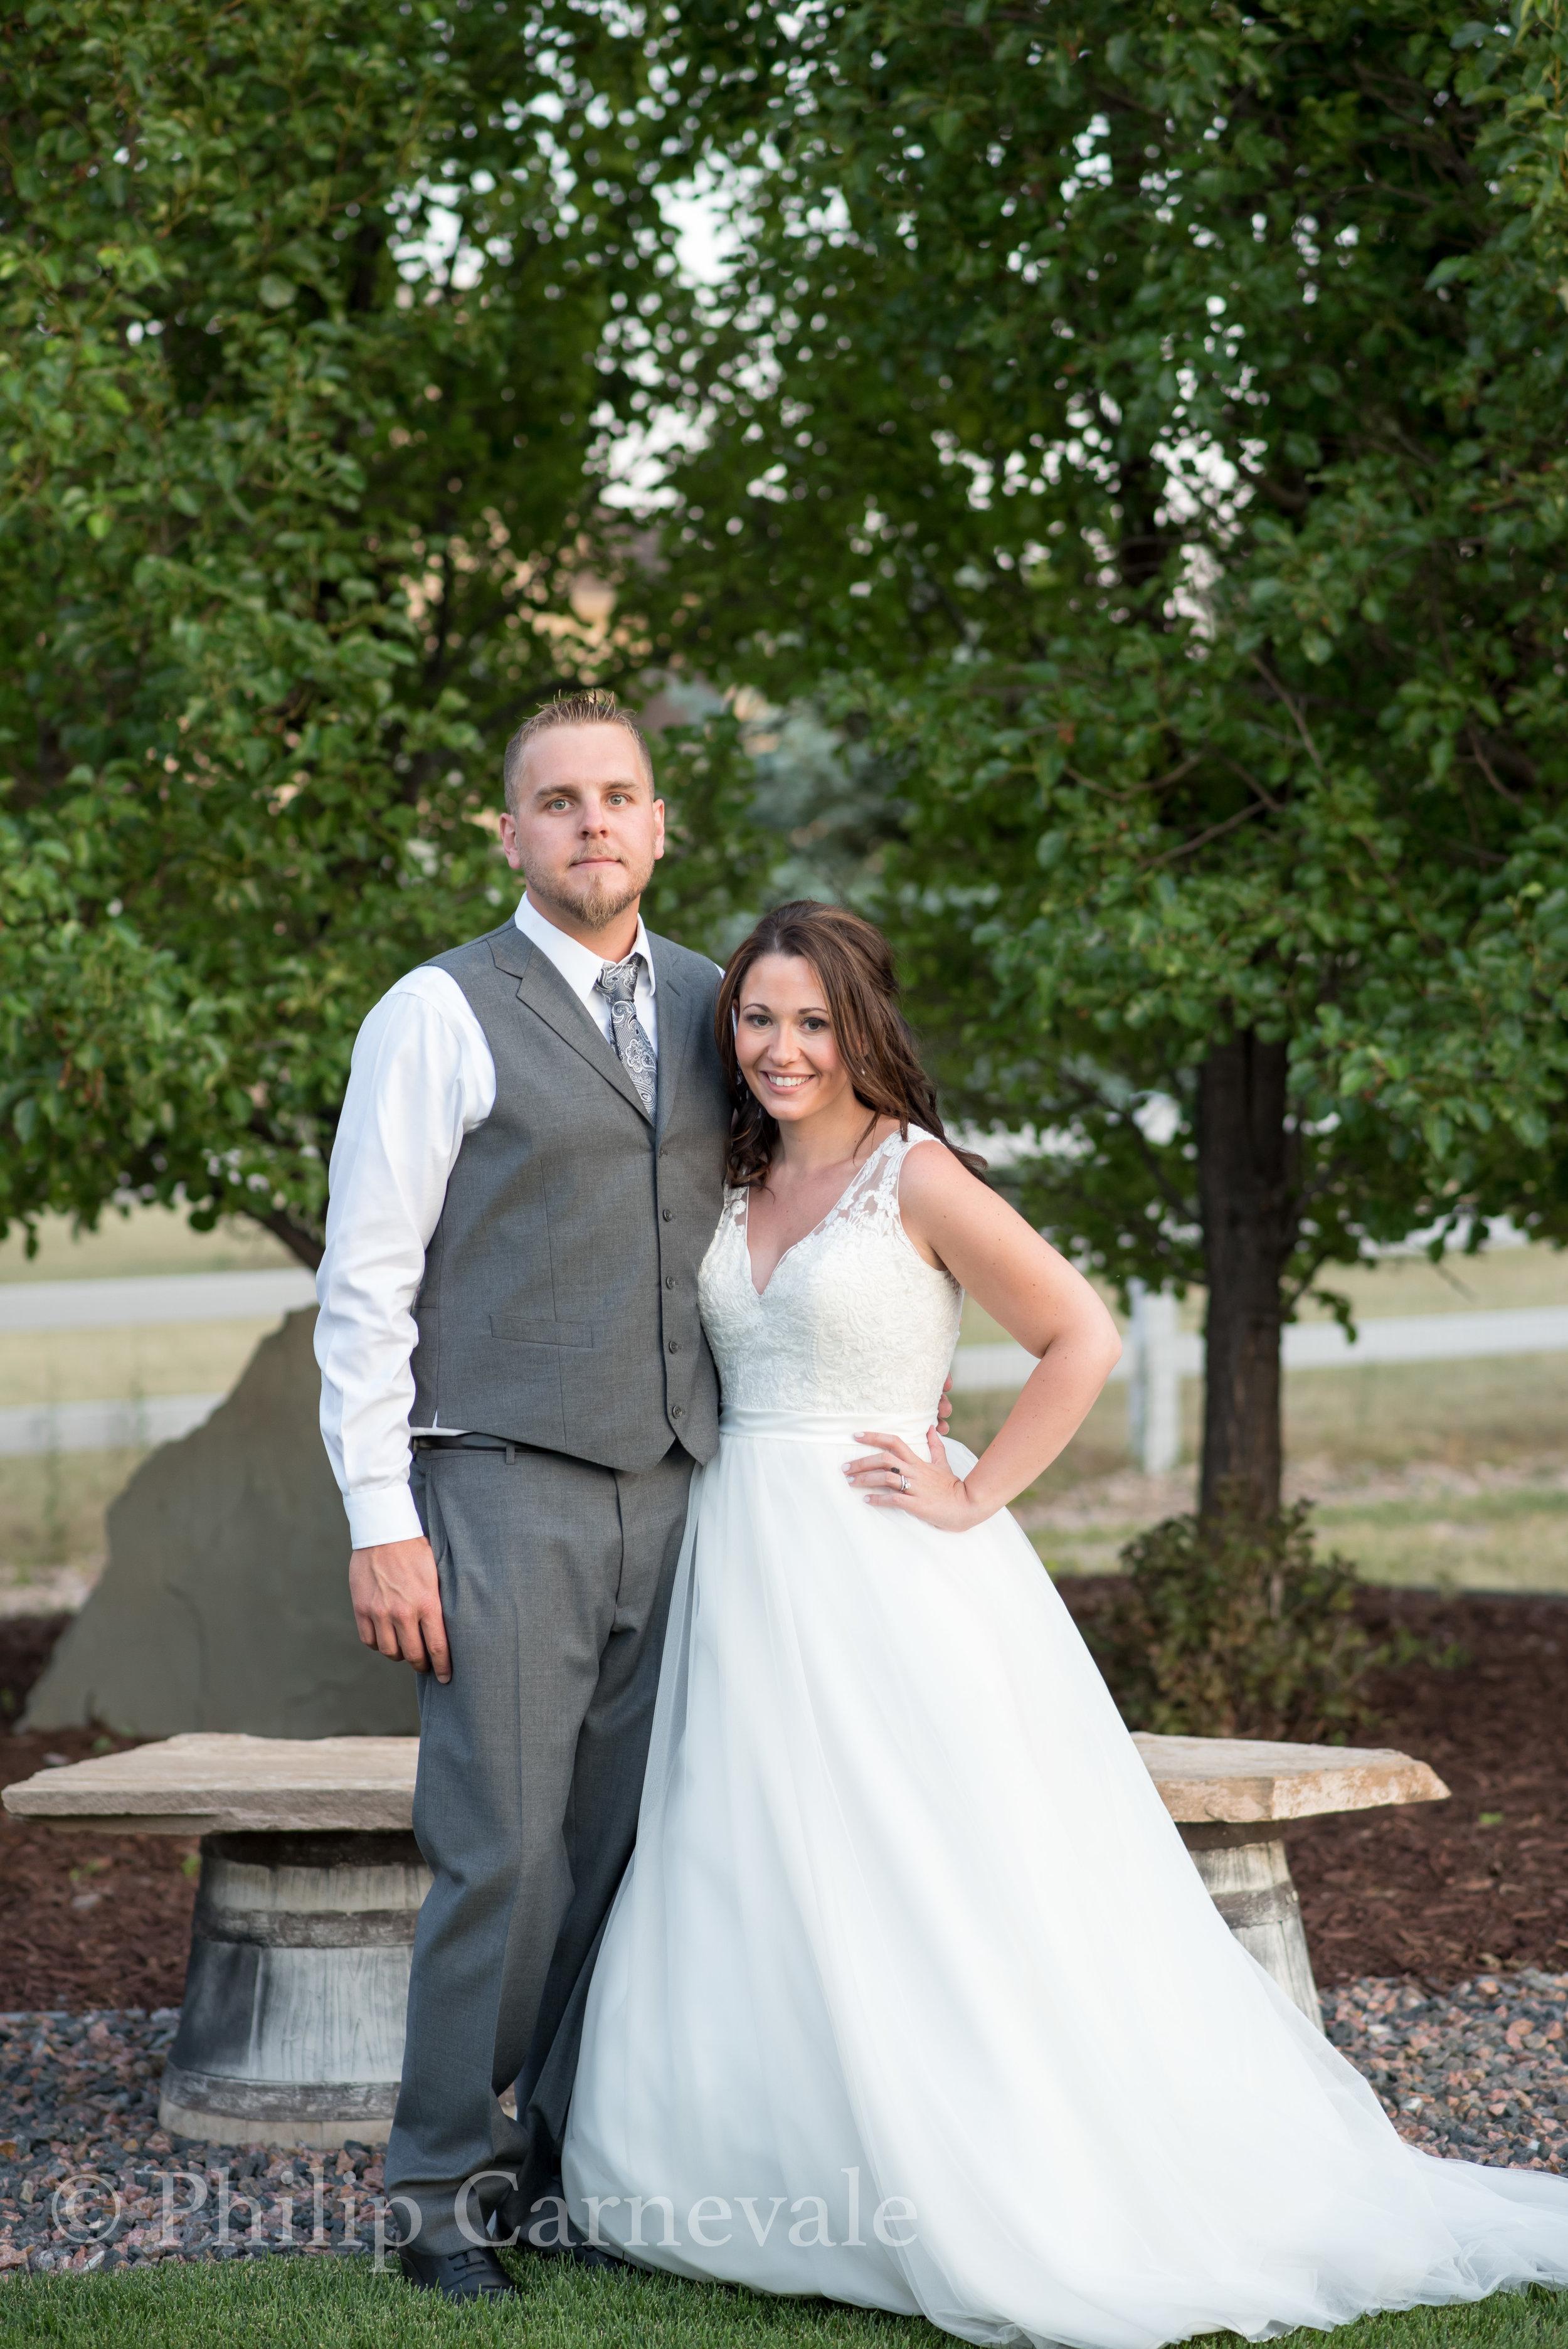 Cassandra&MattWM-247.jpg